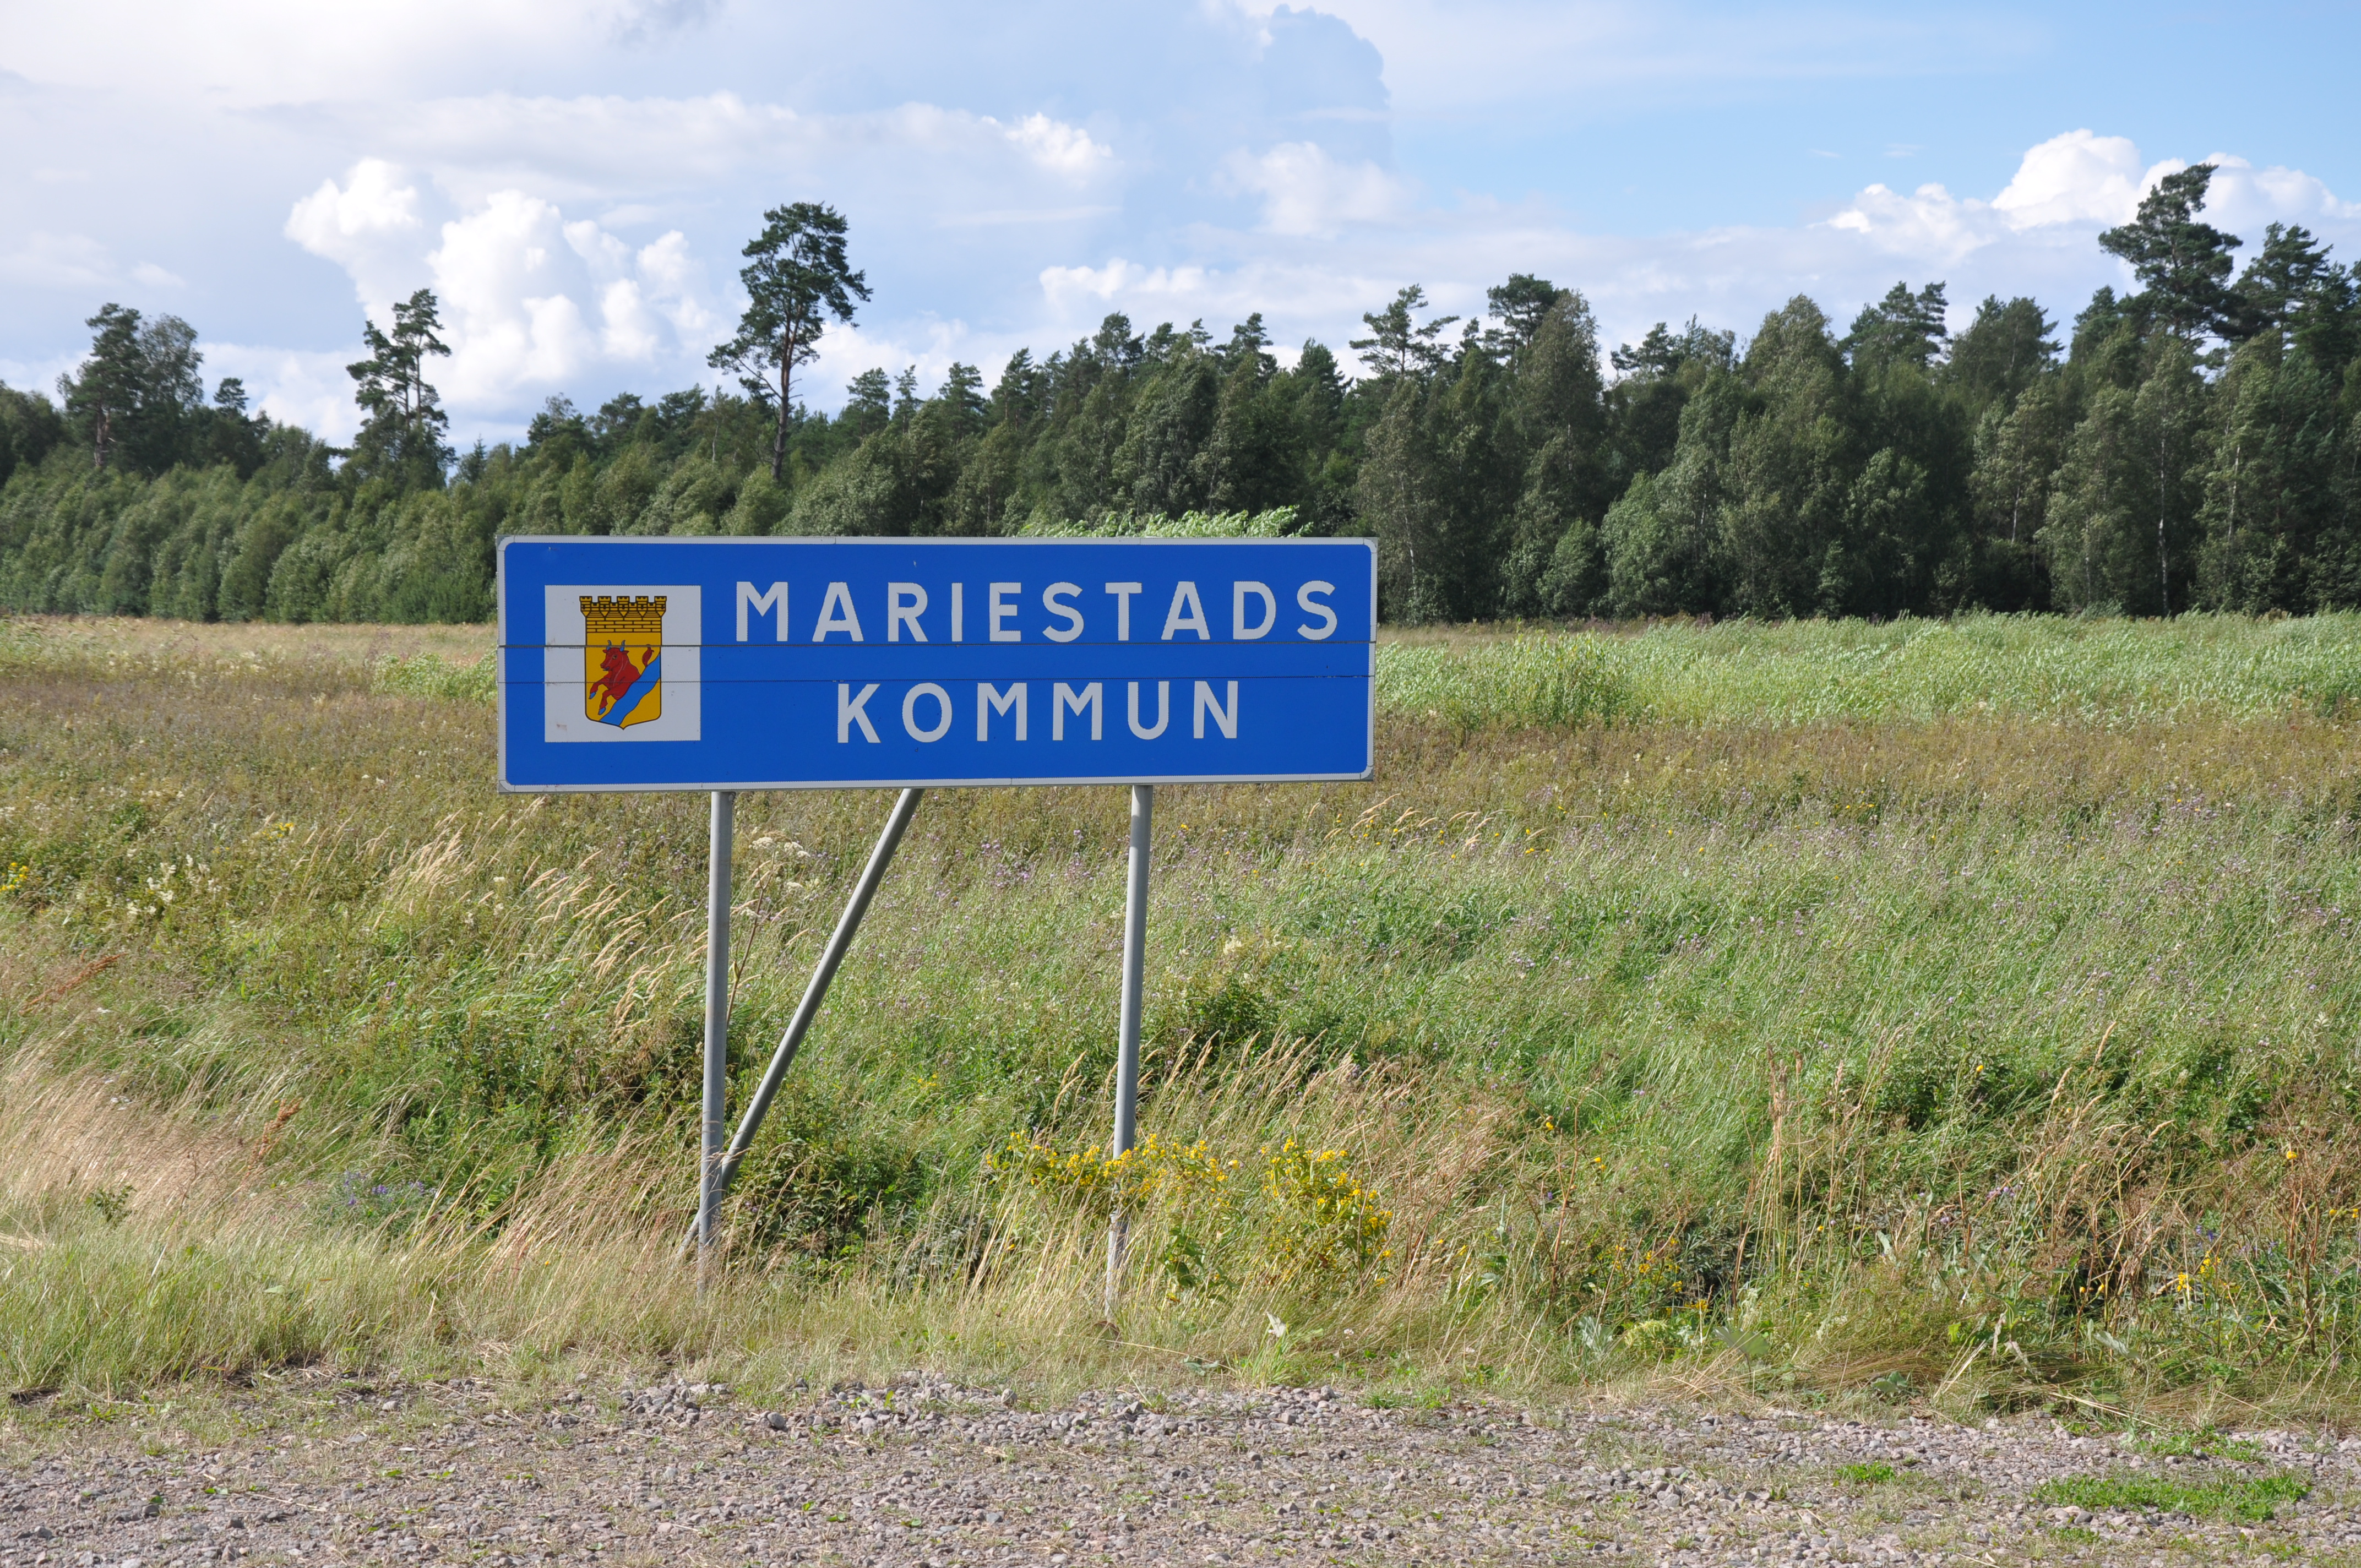 Äldreboende Mariestad